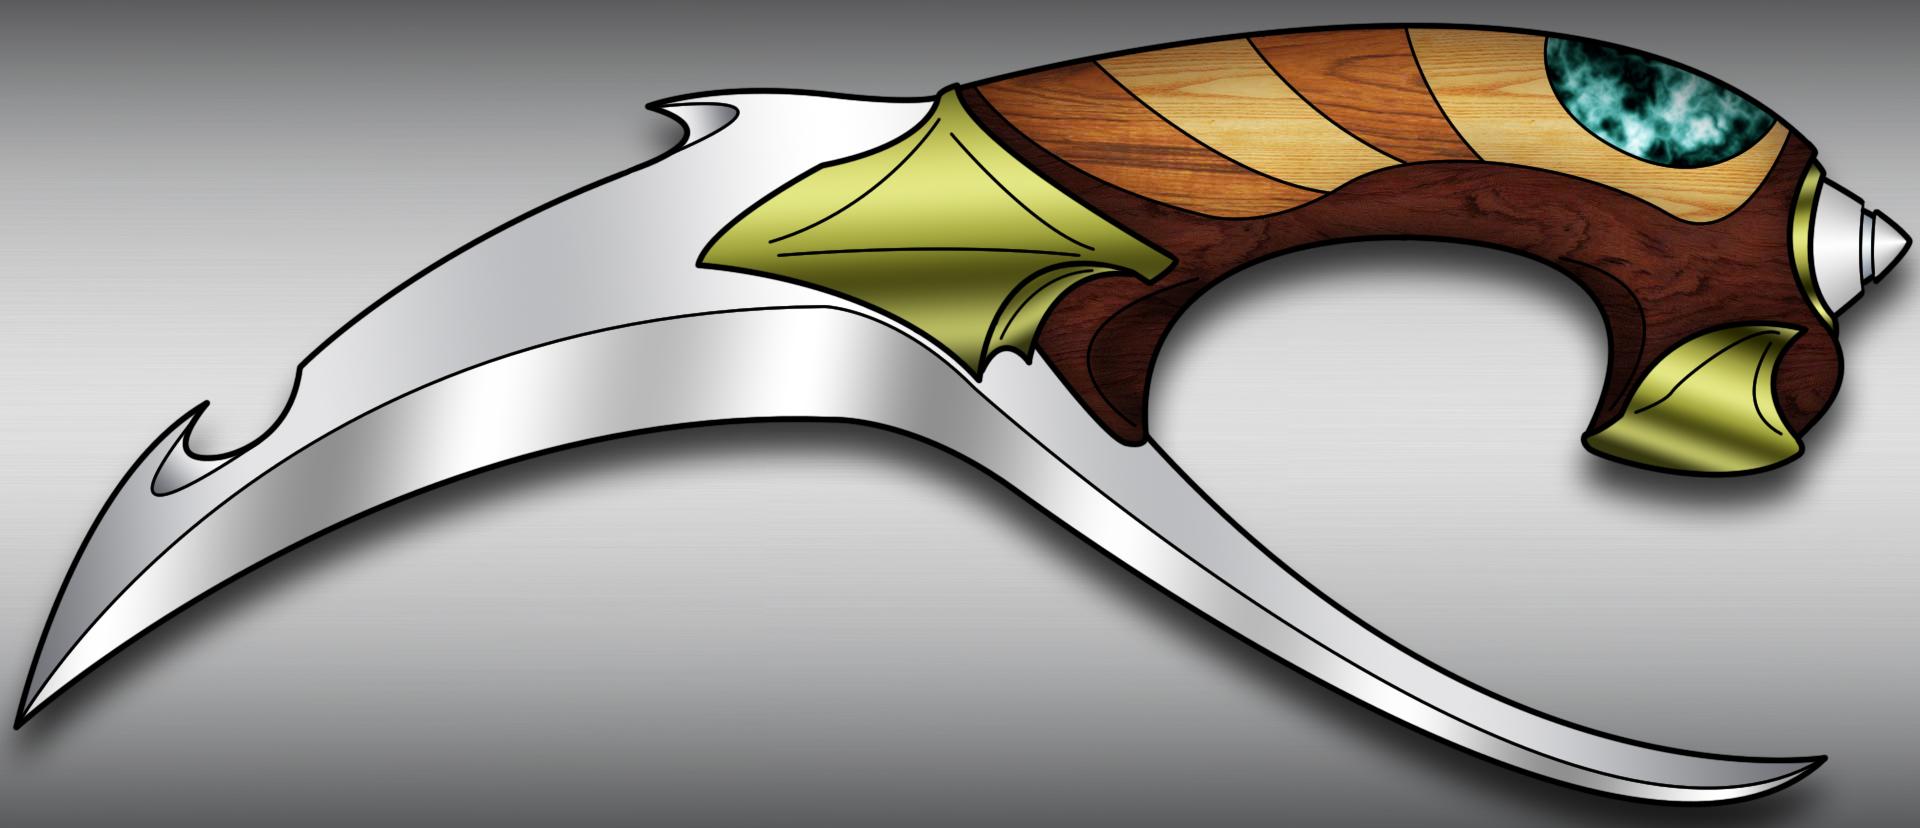 Knife design by balsavor on deviantart Designs com